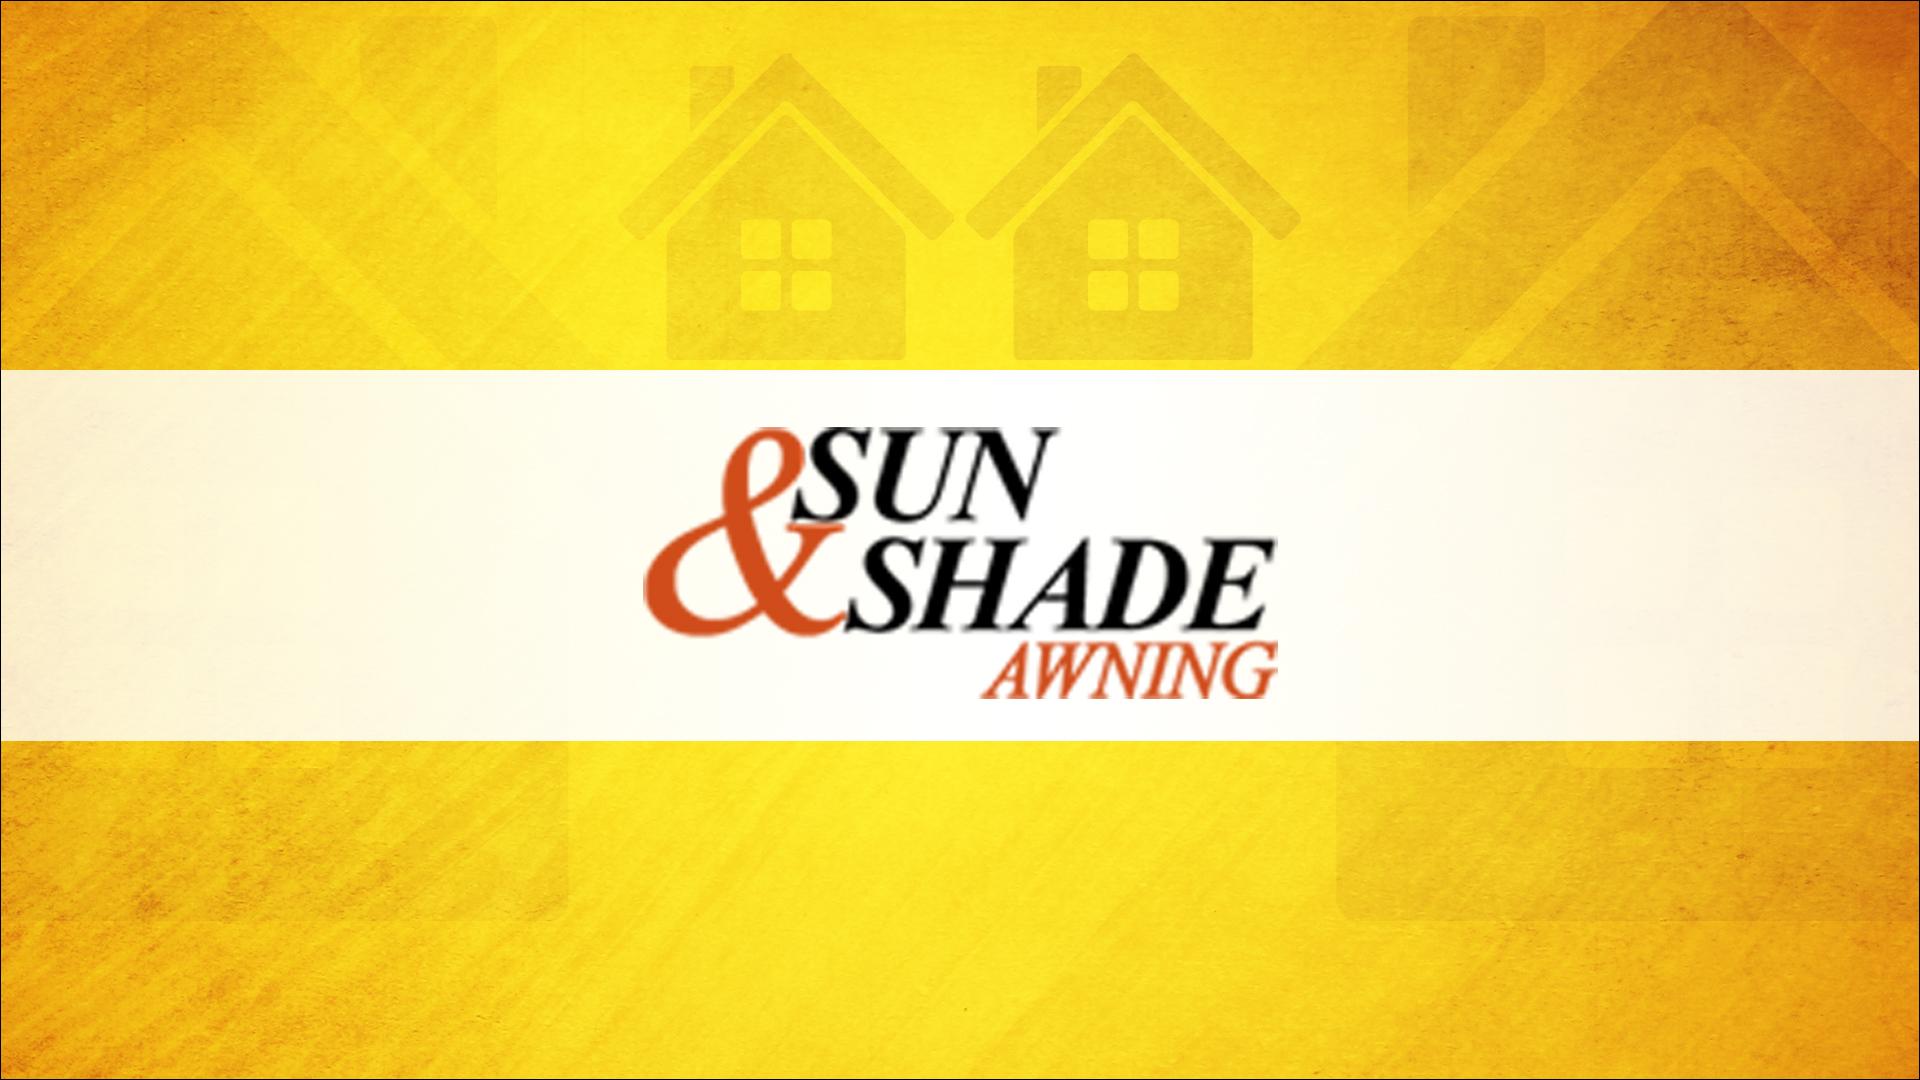 Sun & Shade Awning